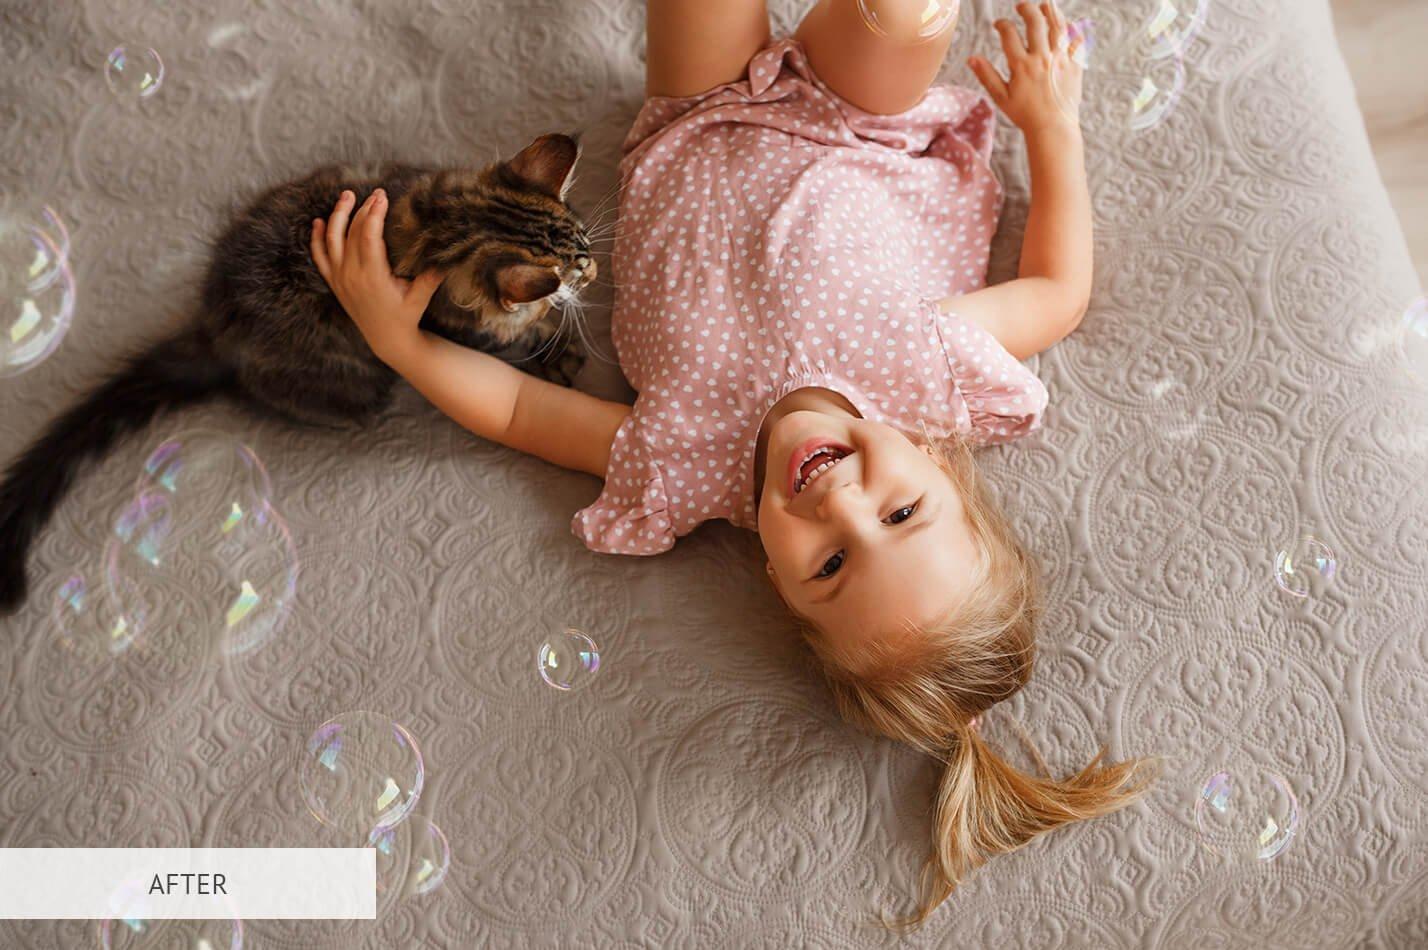 20个高清气泡PS图层叠加背景图片素材 Bubbles Overlays Photoshop插图(19)